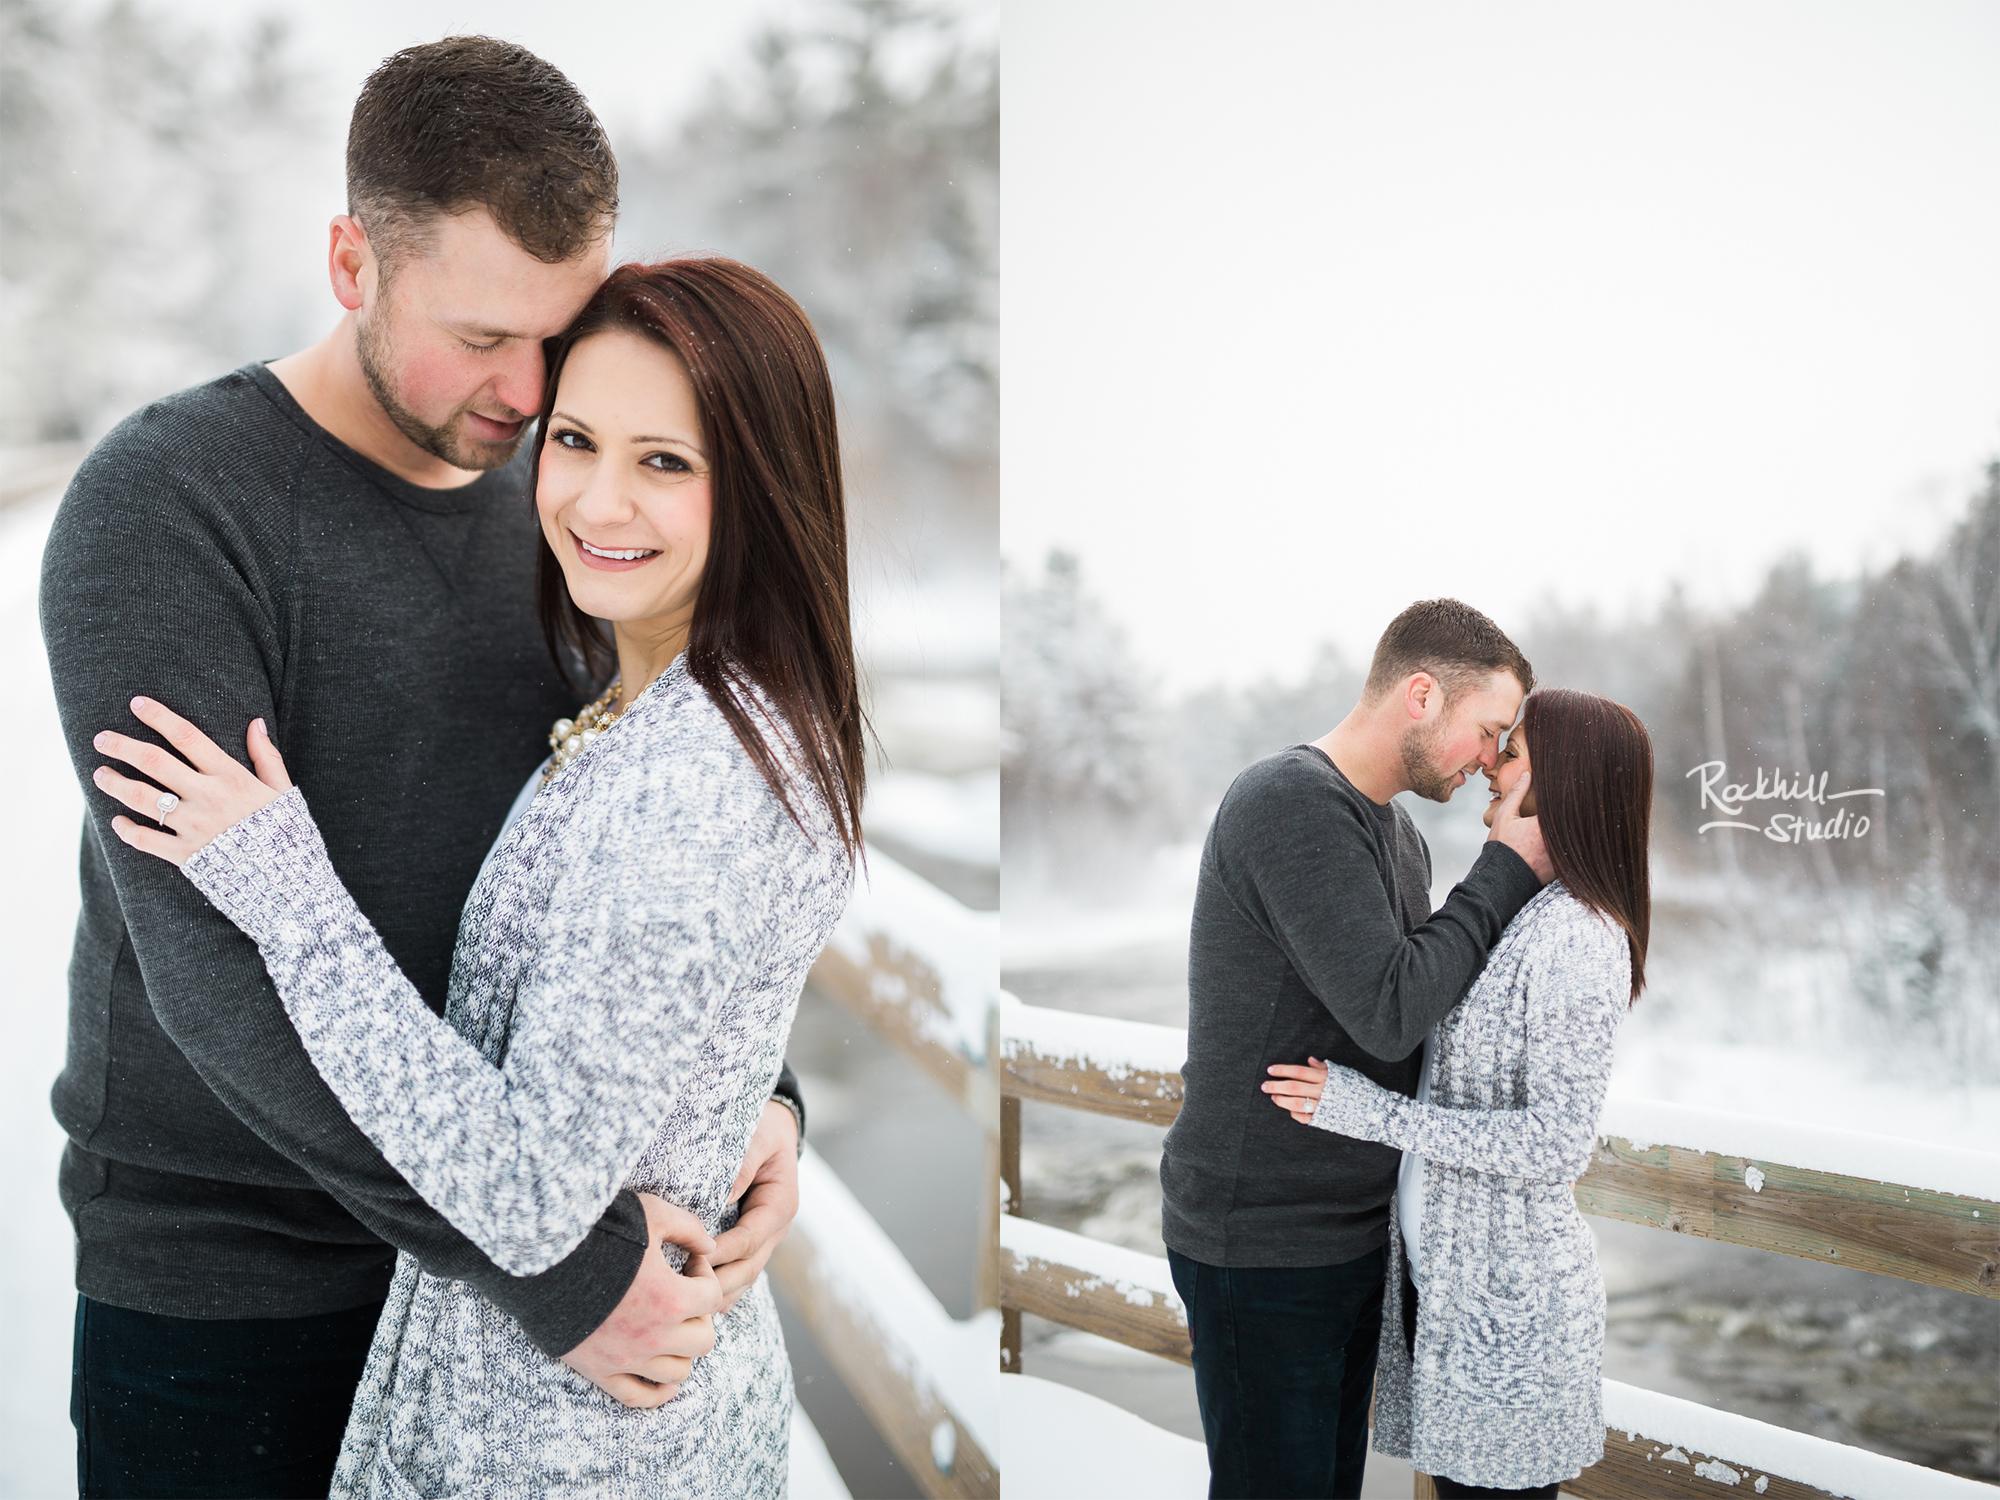 northern-michigan-engagement-photogrpher-wedding-manistique-winter-bridge-3.jpg